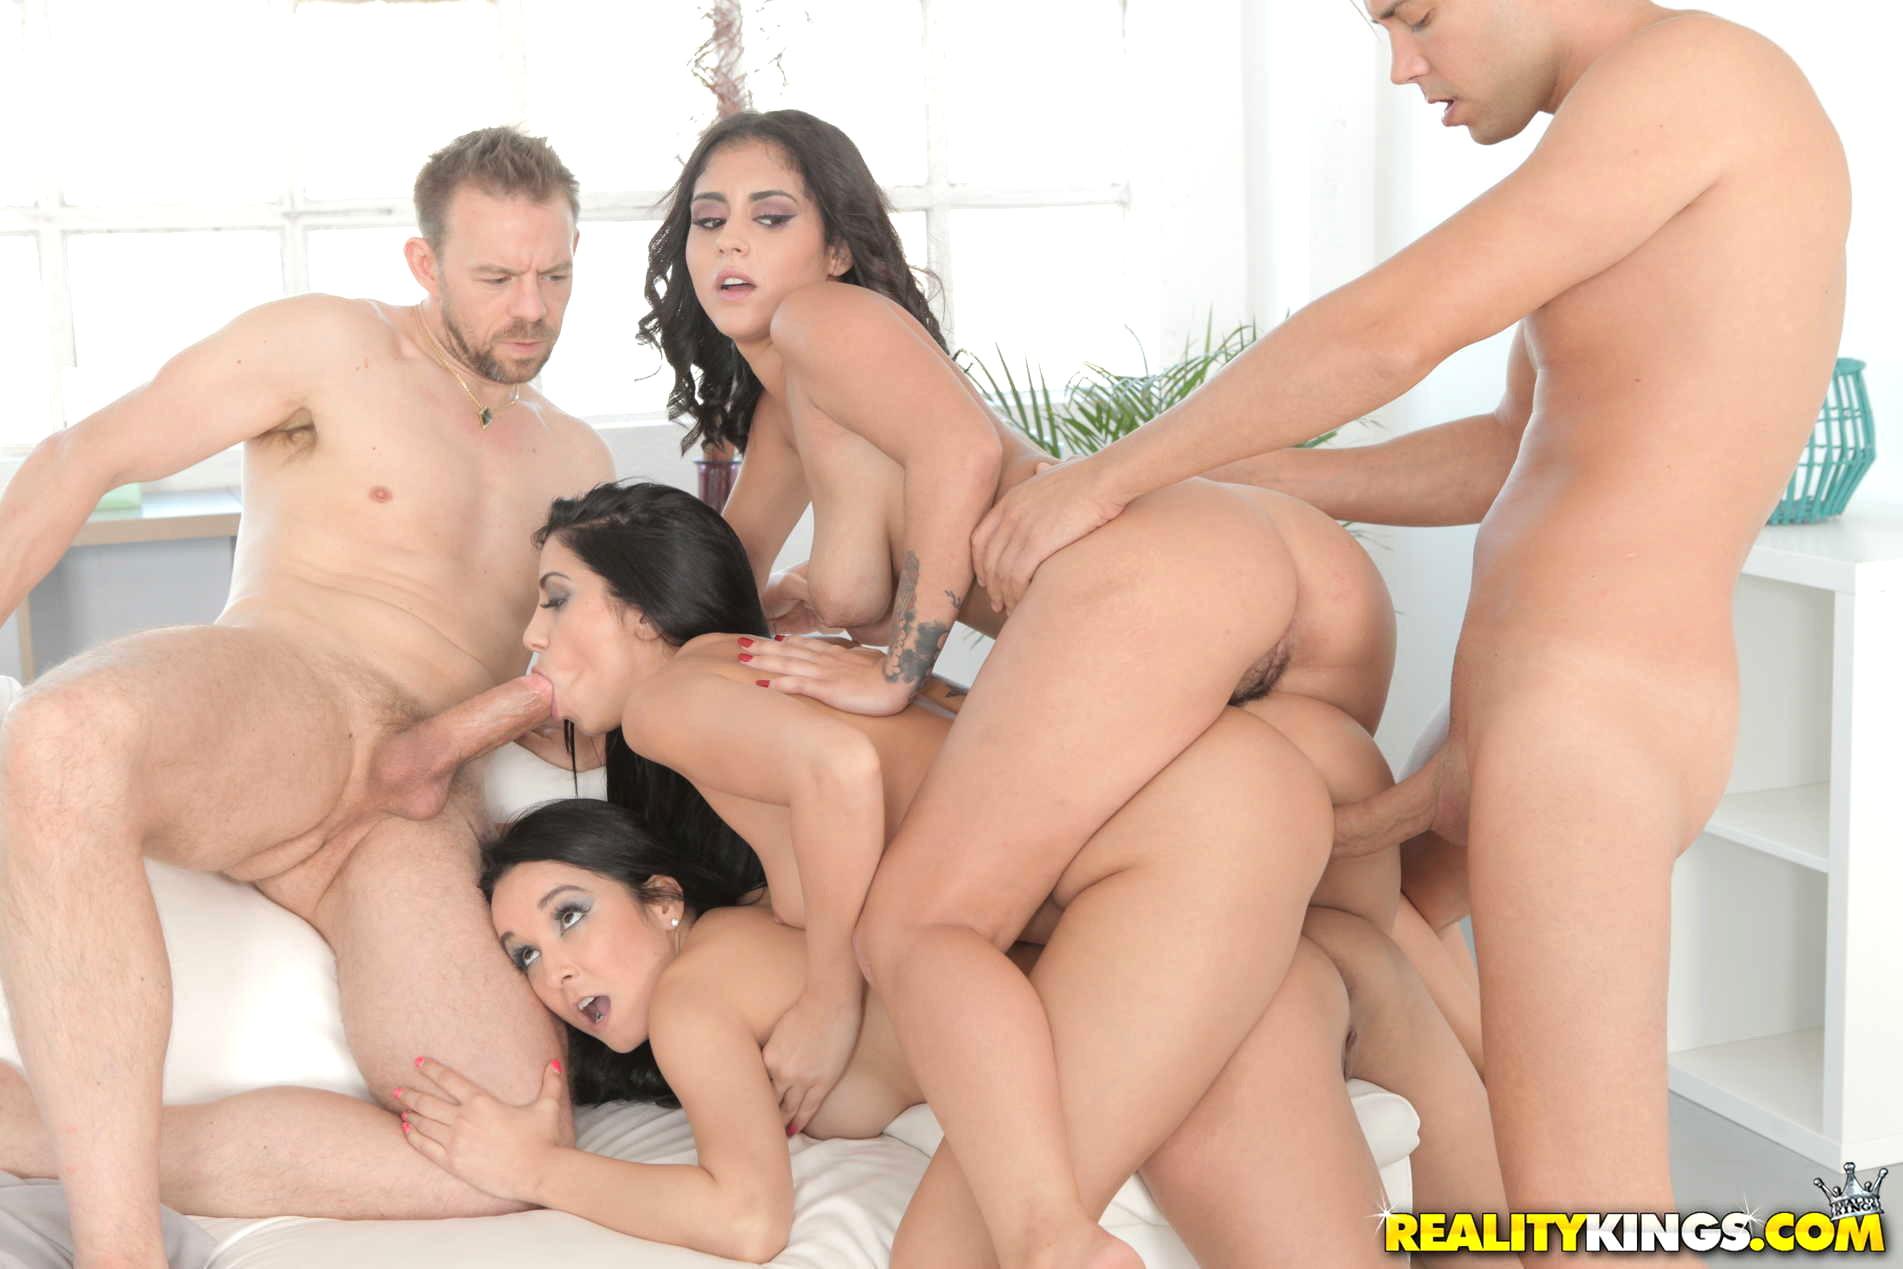 sexy-reality-porn-pics